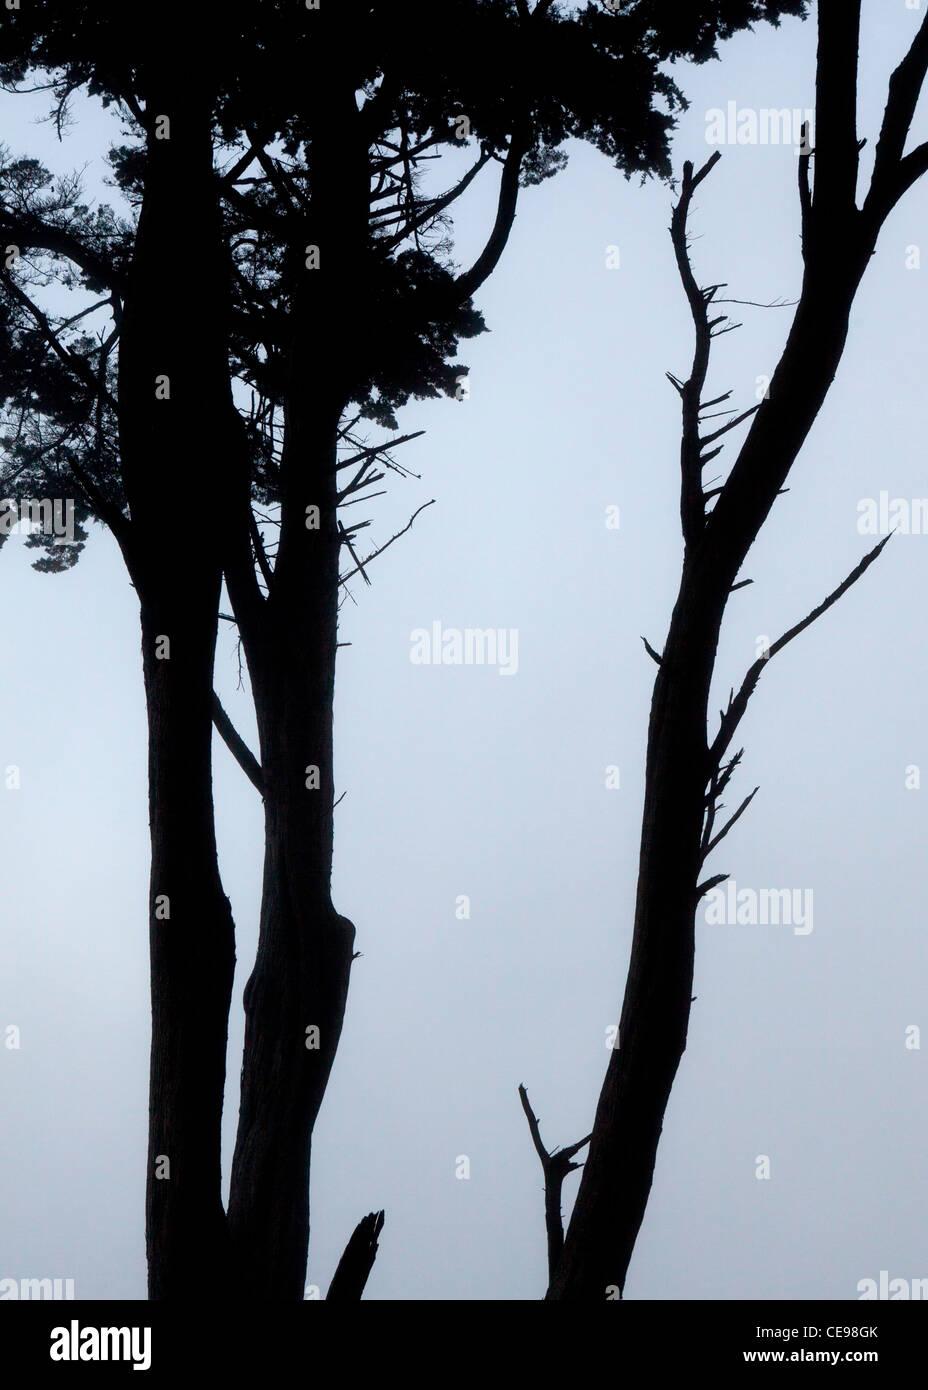 Silueta de árbol de eucalipto Imagen De Stock